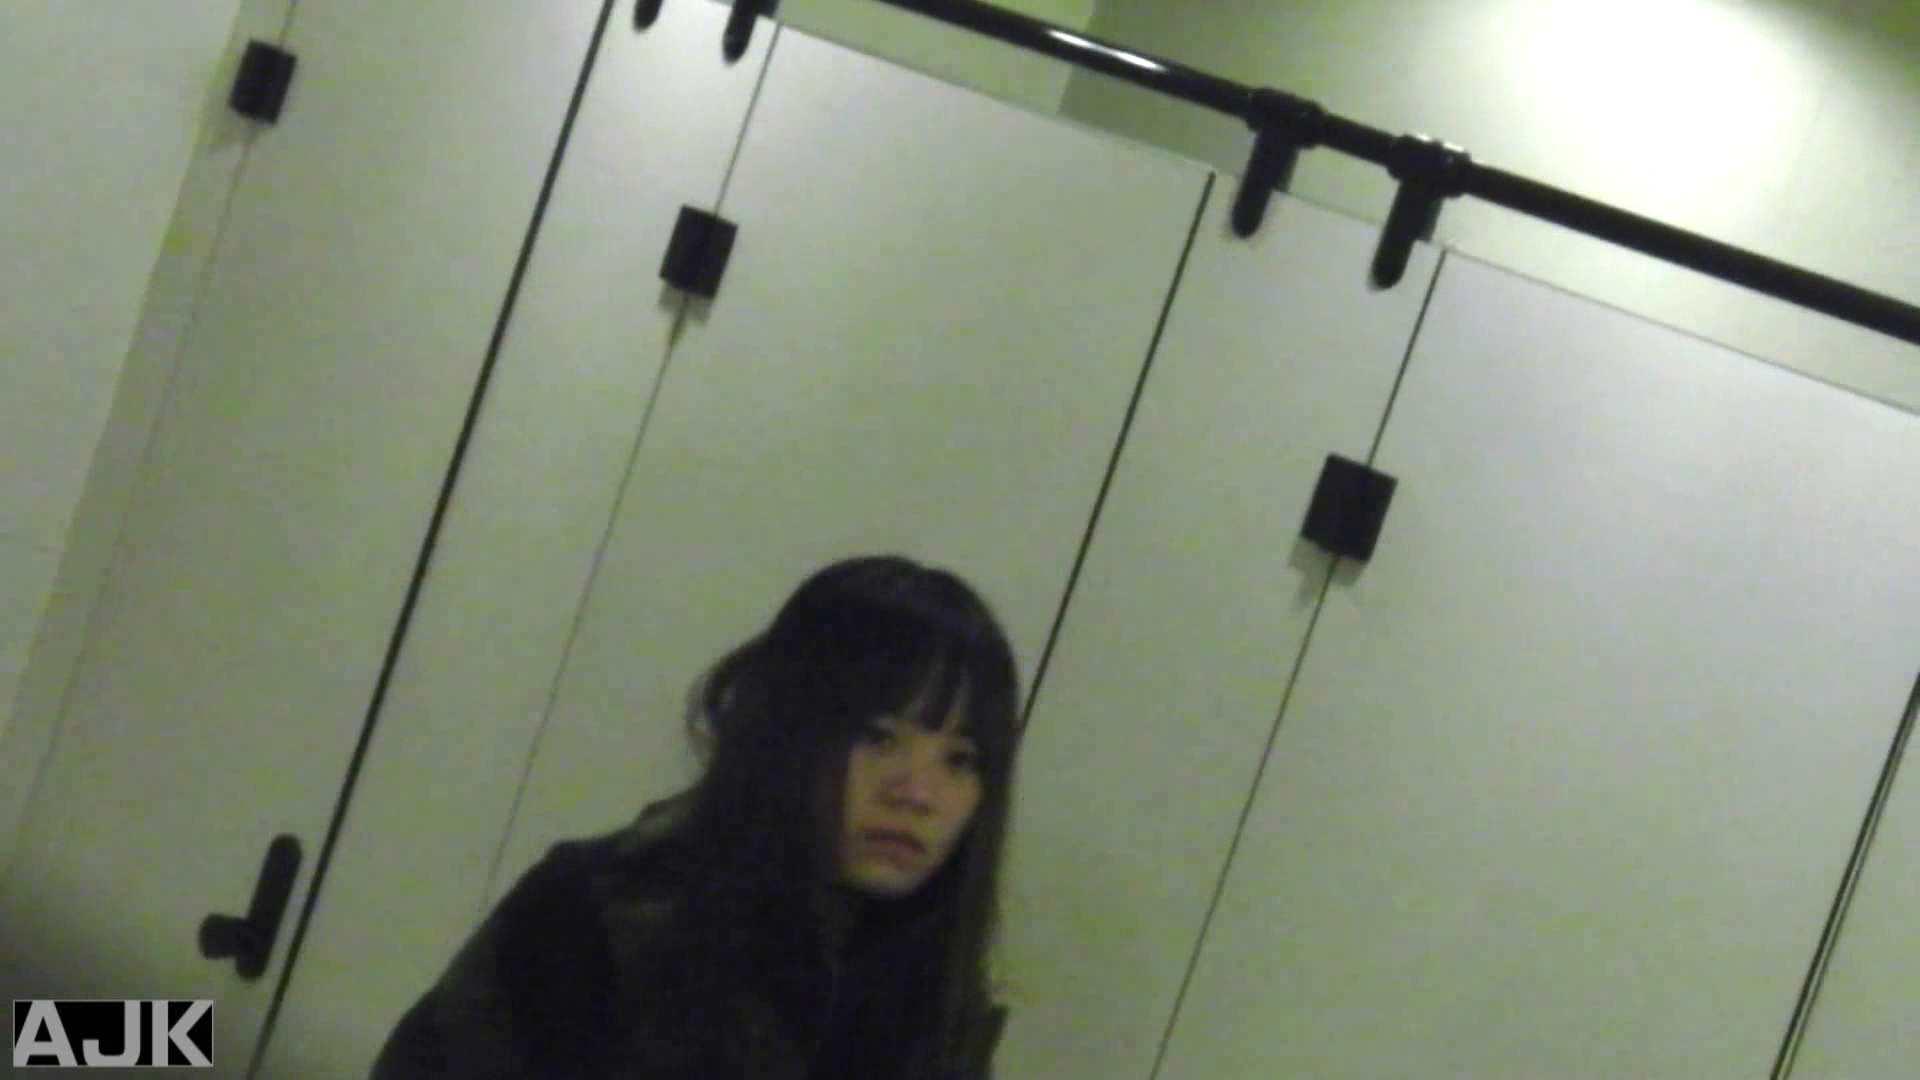 隣国上階級エリアの令嬢たちが集うデパートお手洗い Vol.14 女子トイレ アダルト動画キャプチャ 96枚 9